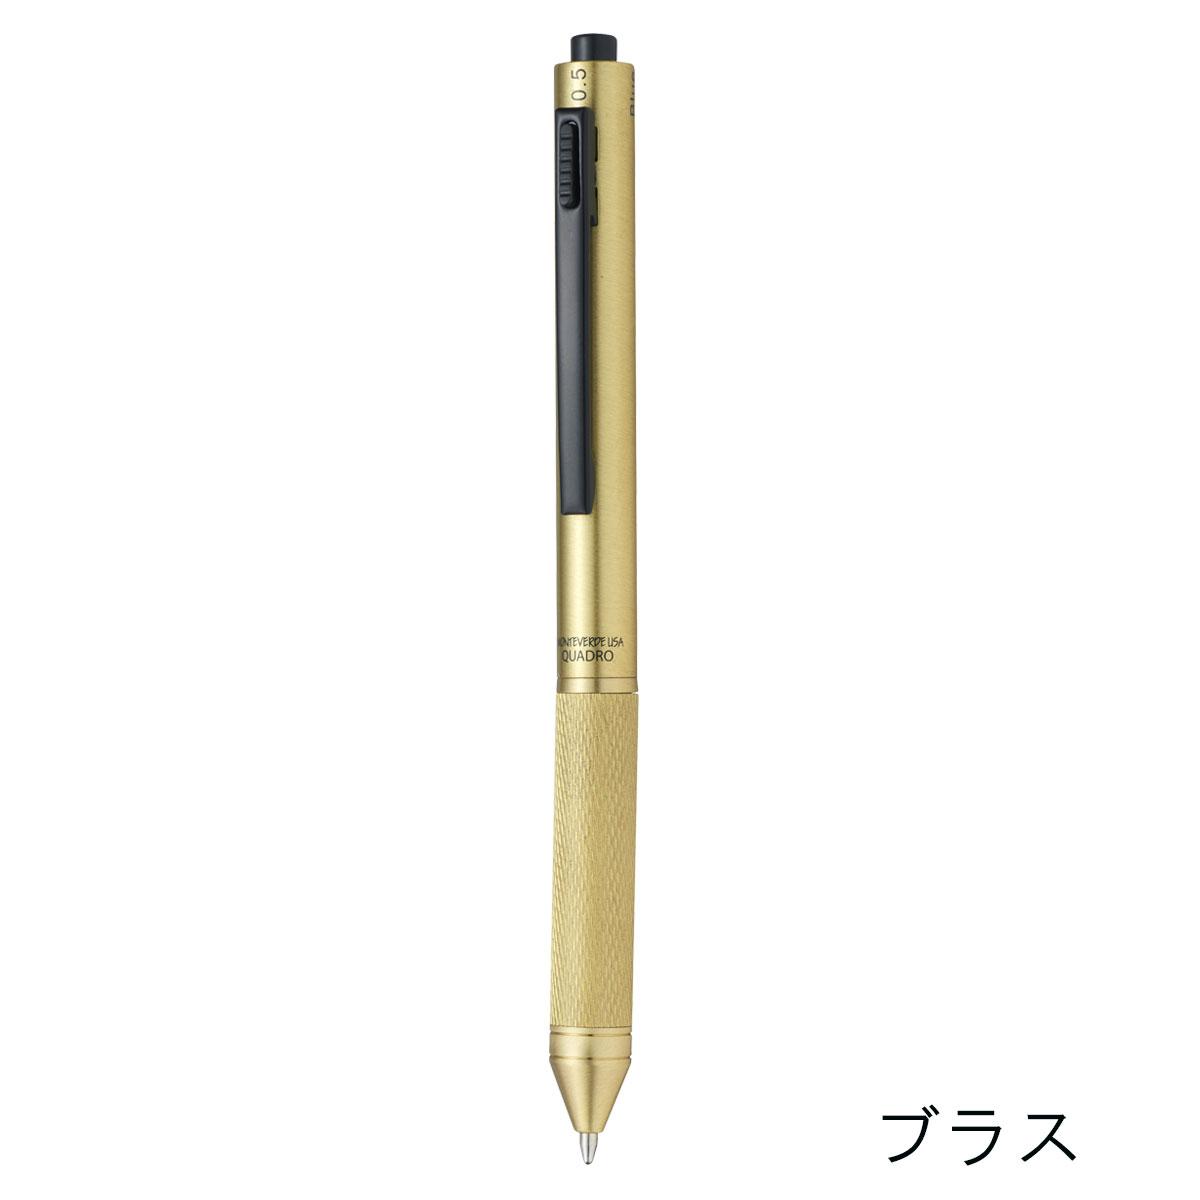 MONTEVERDE(モンテベルデ)クアドロ 4in1 多機能ペン